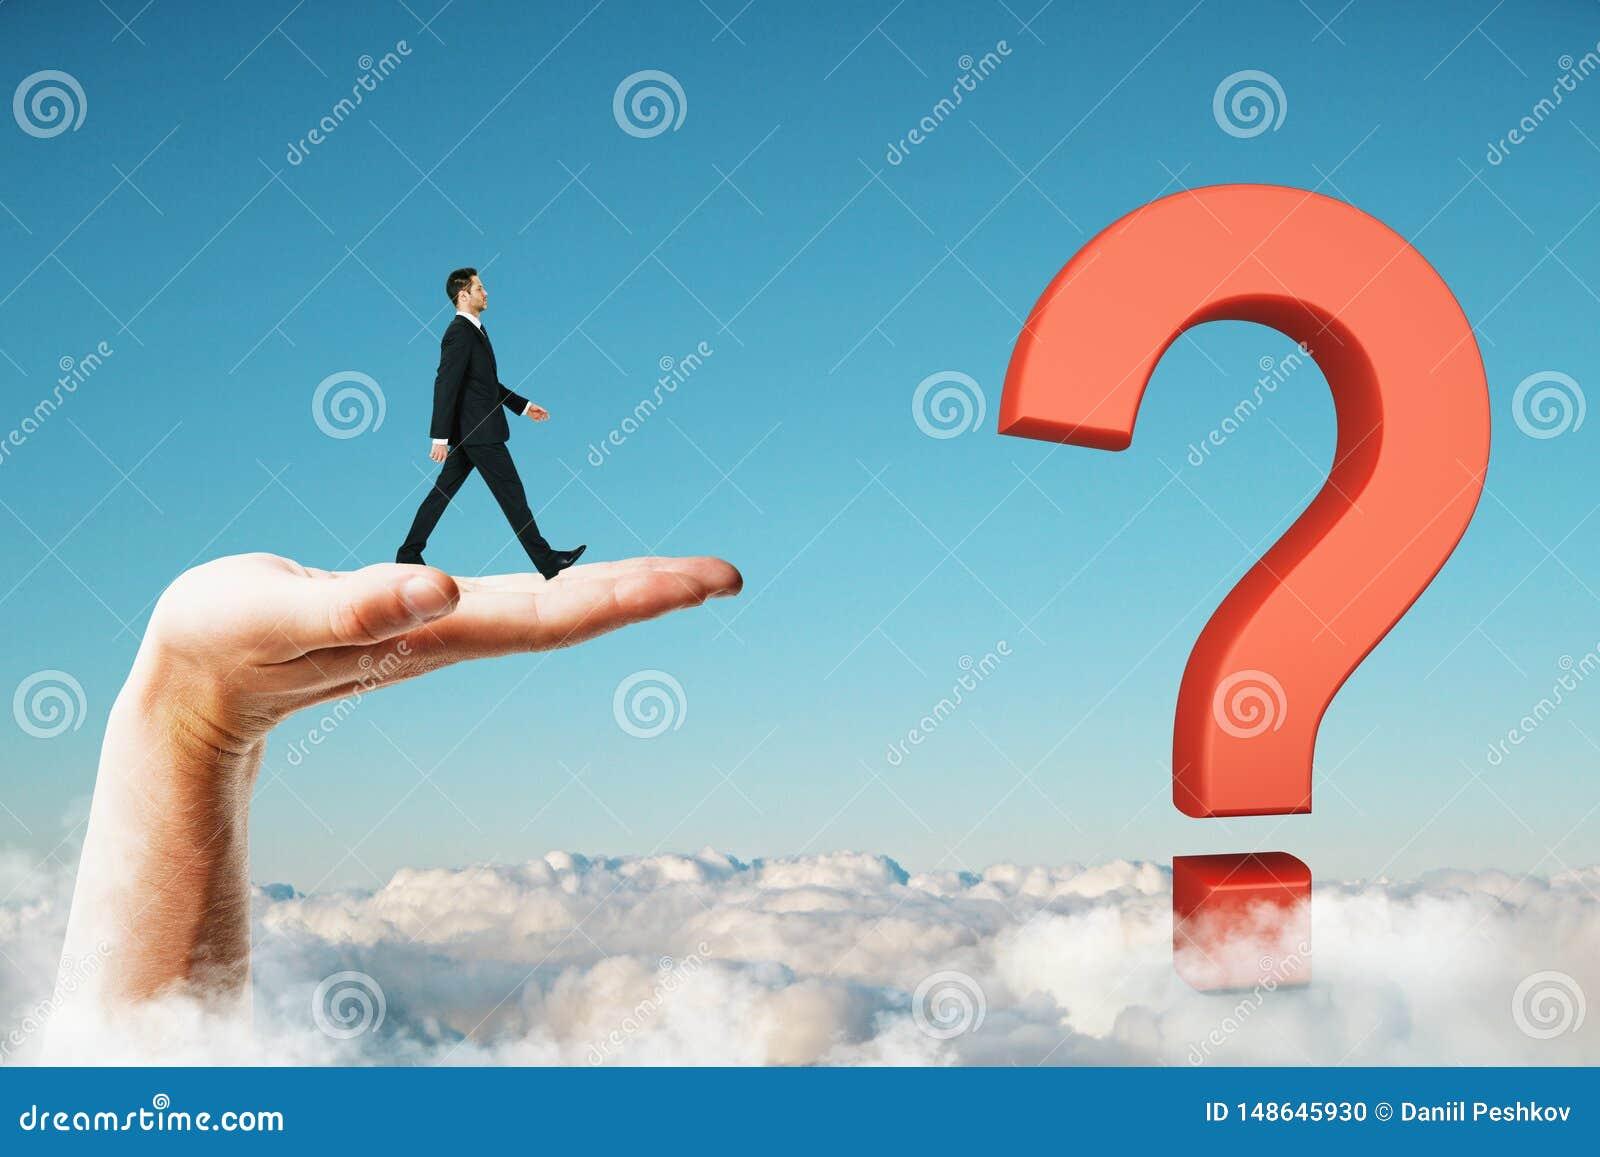 Concetto di direzione, della soluzione, di dubbio e di successo